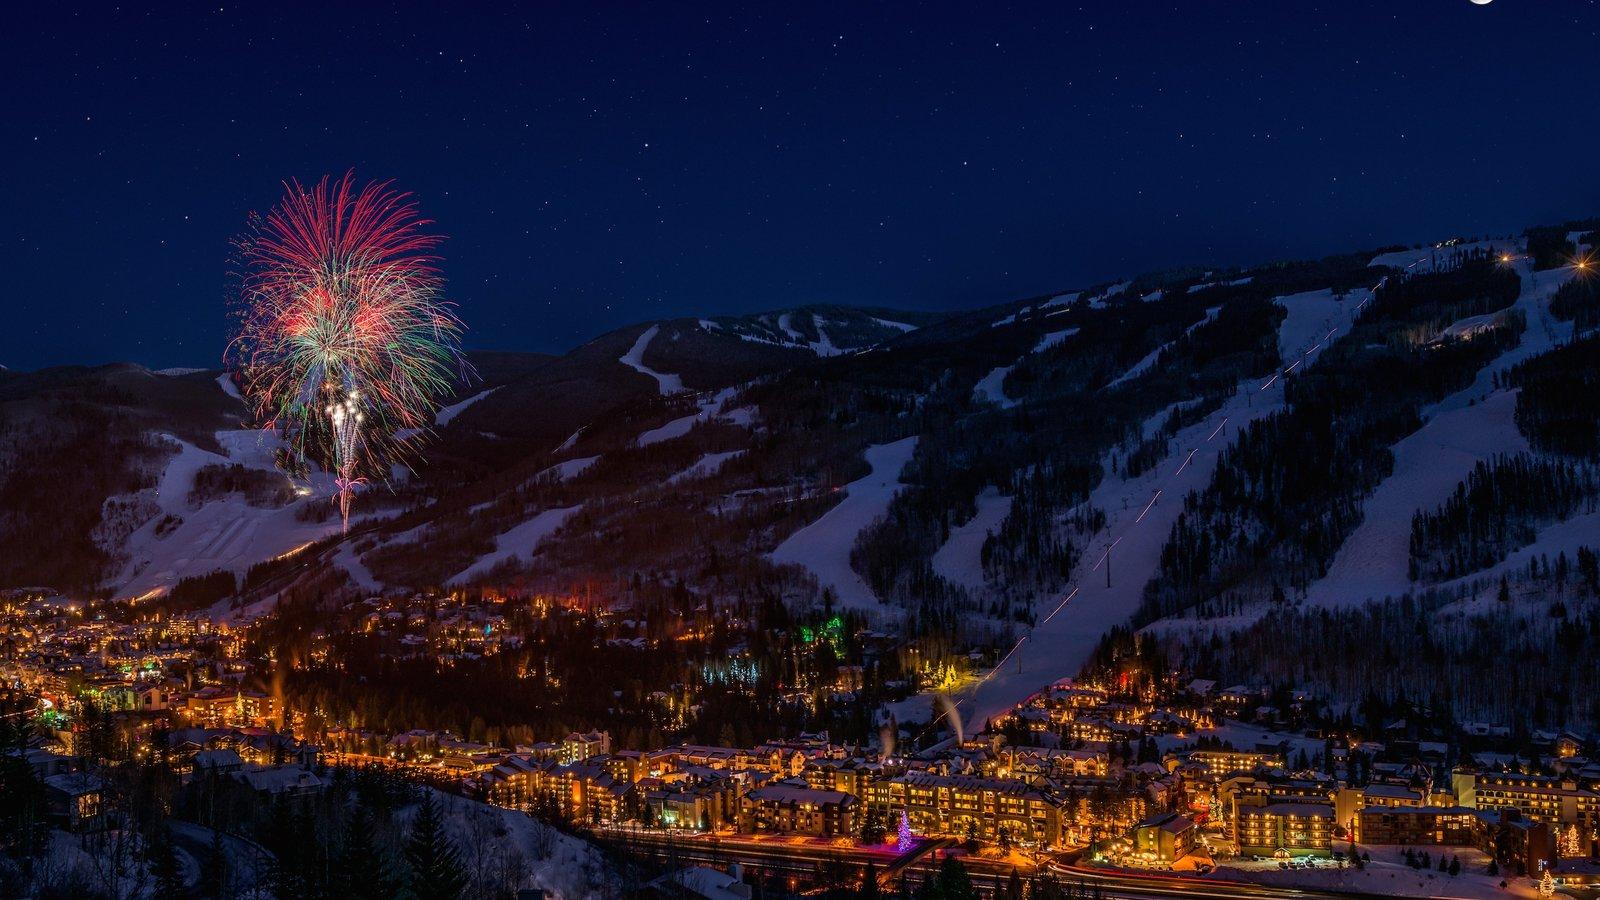 Vail que inclui neve, cenas noturnas e uma cidade pequena ou vila